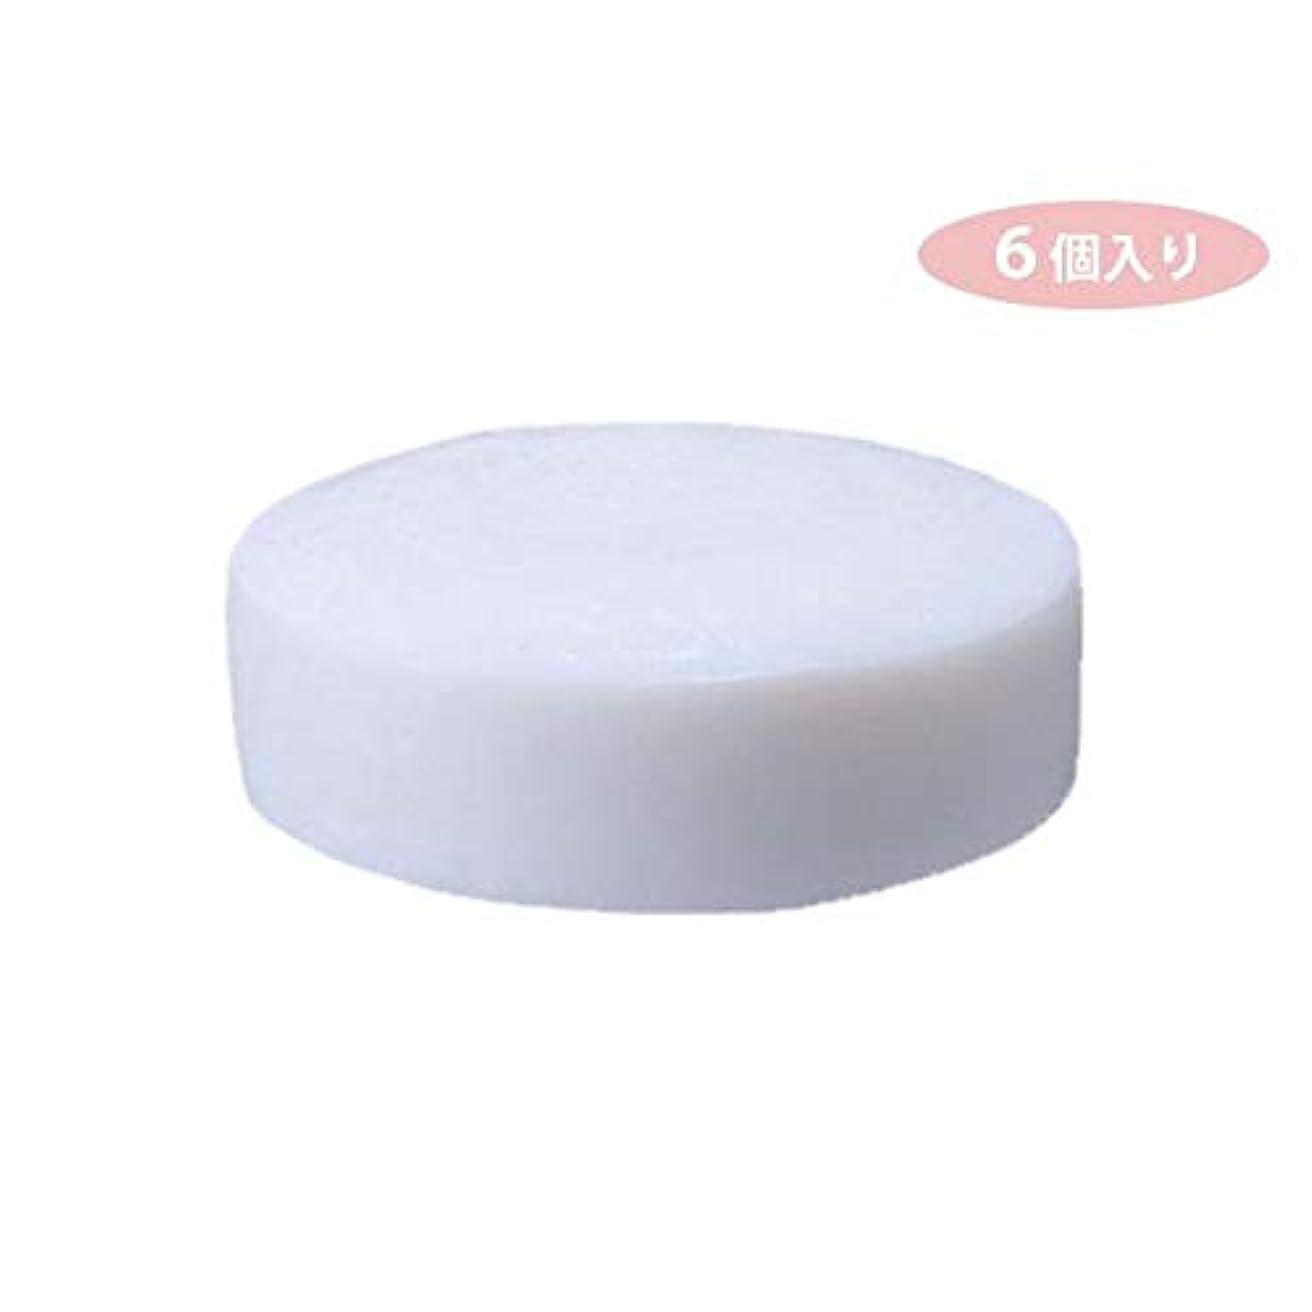 豊かな理想的には欠乏CBH-S 6個入り 敏感なお肌のための化粧石鹸